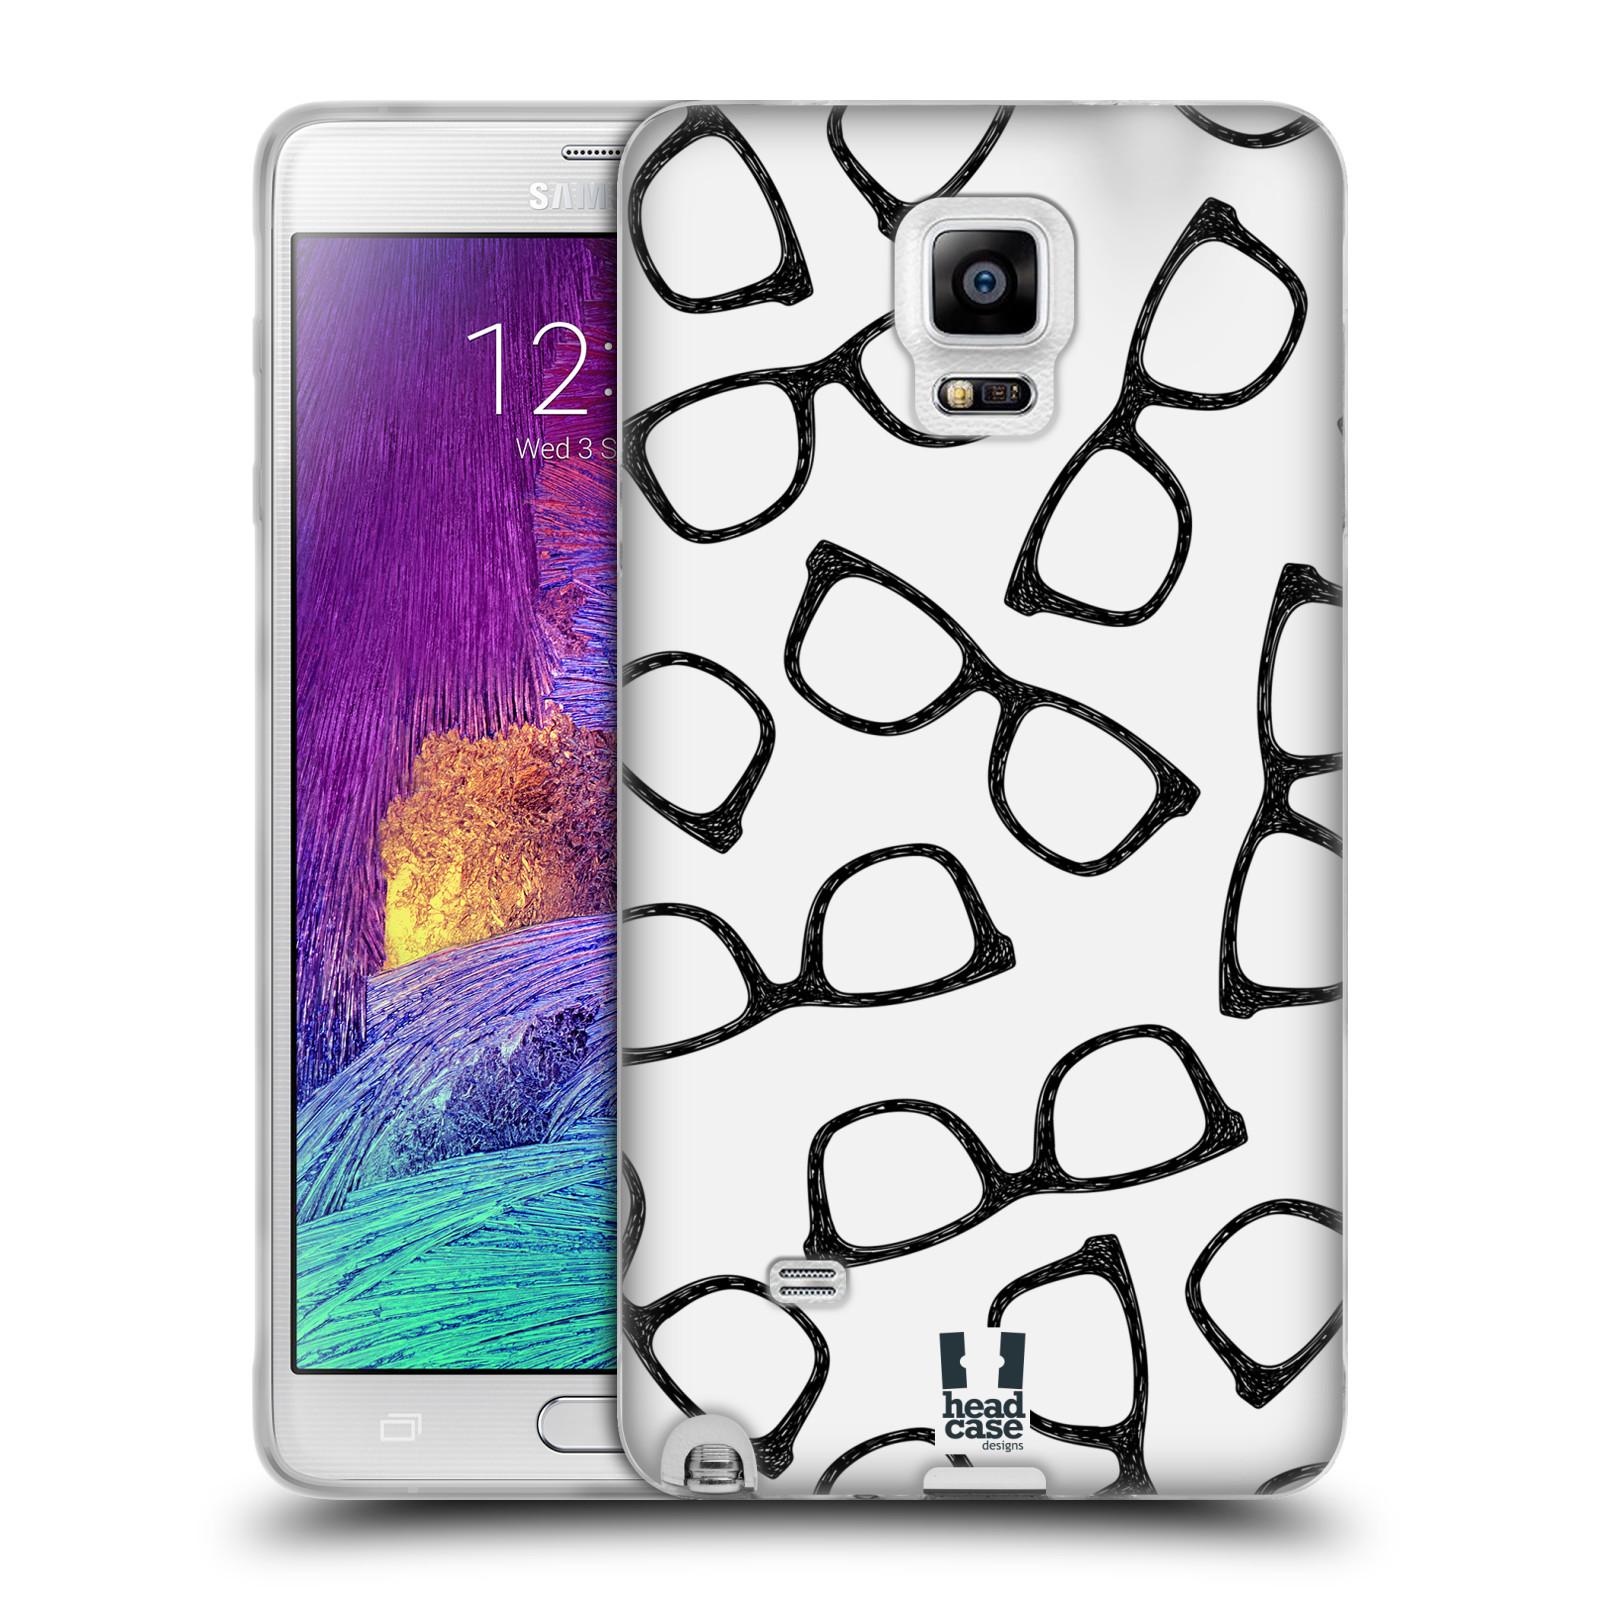 Silikonové pouzdro na mobil Samsung Galaxy Note 4 HEAD CASE HIPSTER BRÝLE (Silikonový kryt či obal na mobilní telefon Samsung Galaxy Note 4 SM-N910F)